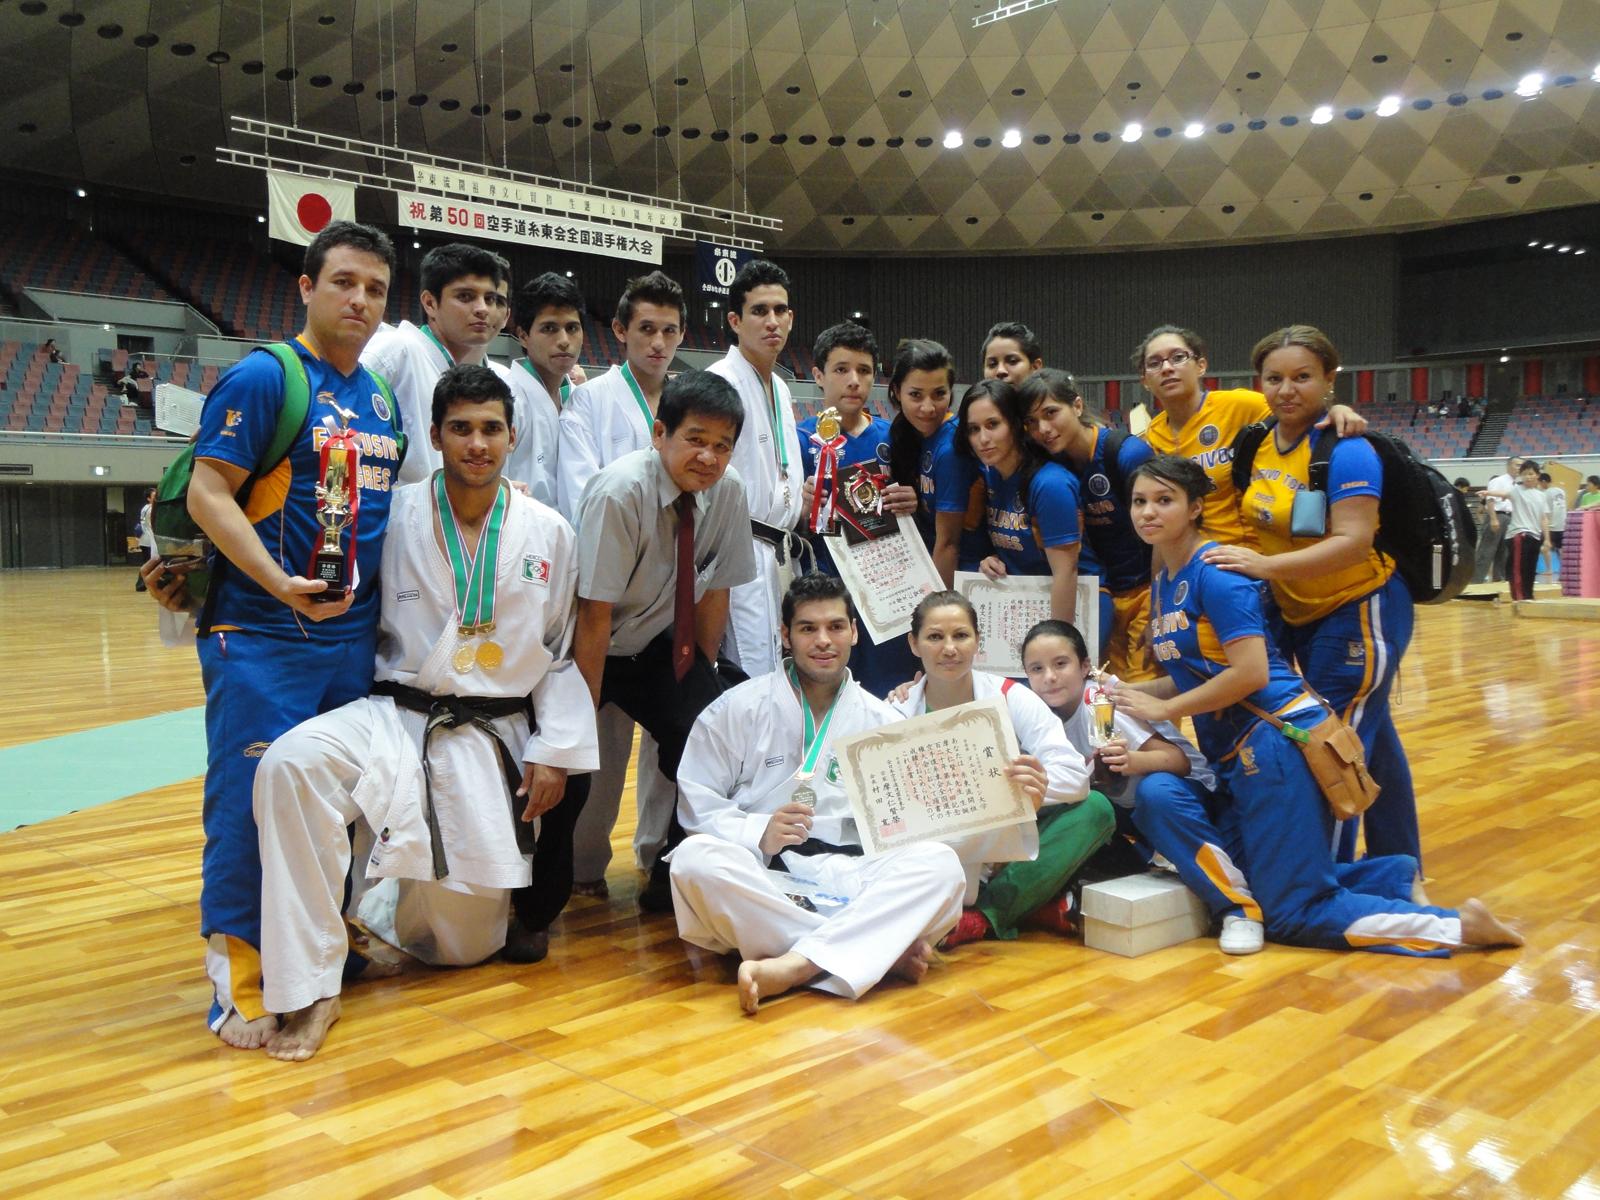 Equipo de karate de la UANL en un torneo en Japón